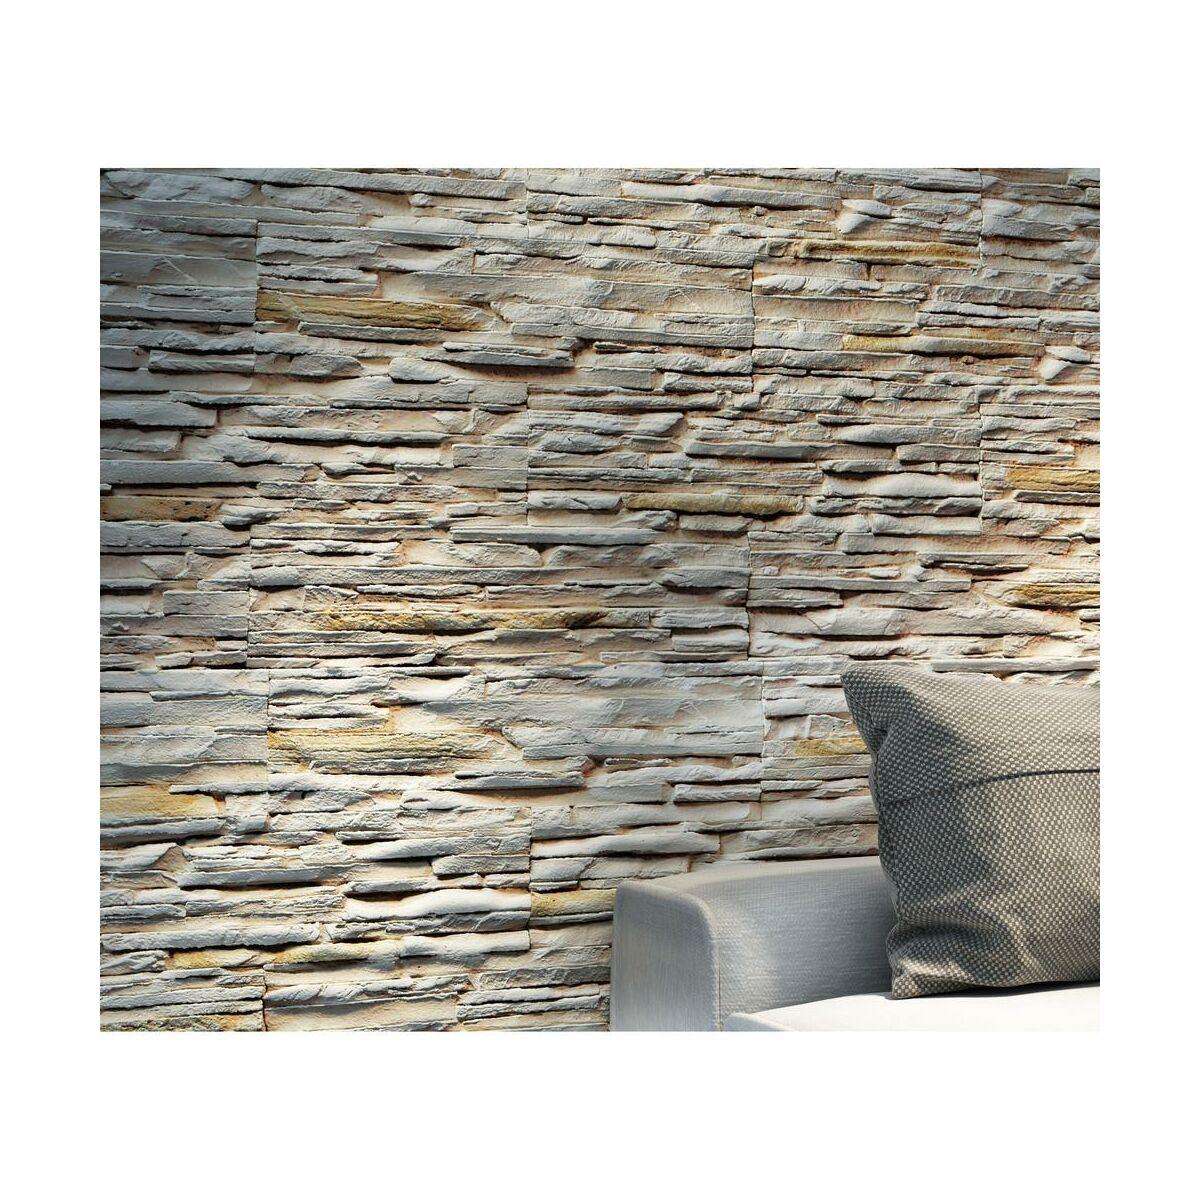 Kamie dekoracyjny barcelona sahara 37x12x2 cm stone - Leroy merlin barcelona ...